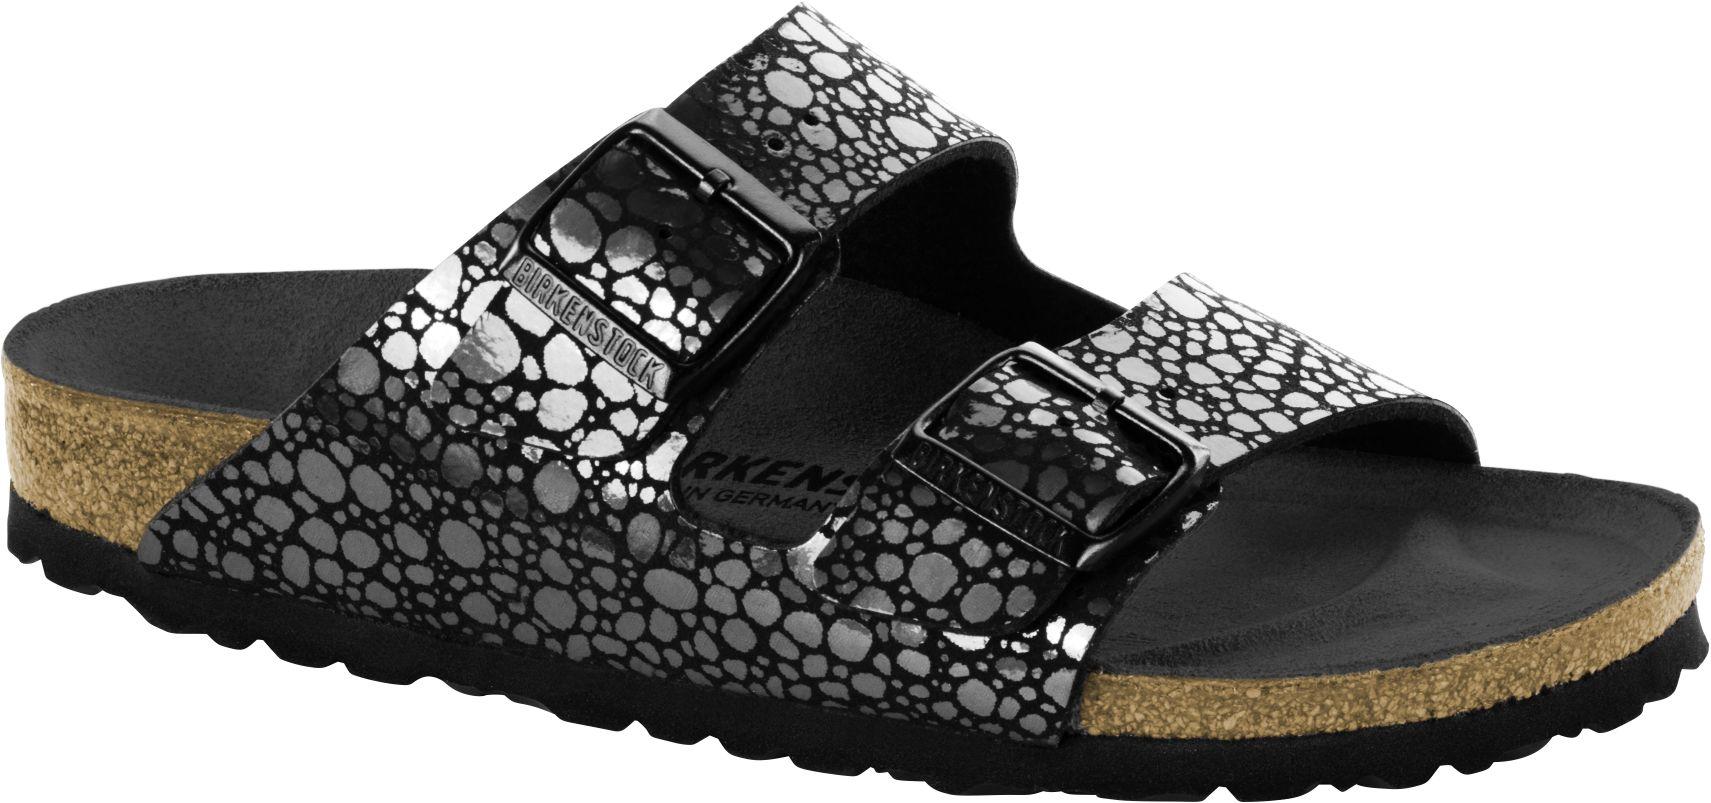 gr nbein schuhe birkenstock arizona metallic stones black schwarz 42 shoes berlin. Black Bedroom Furniture Sets. Home Design Ideas